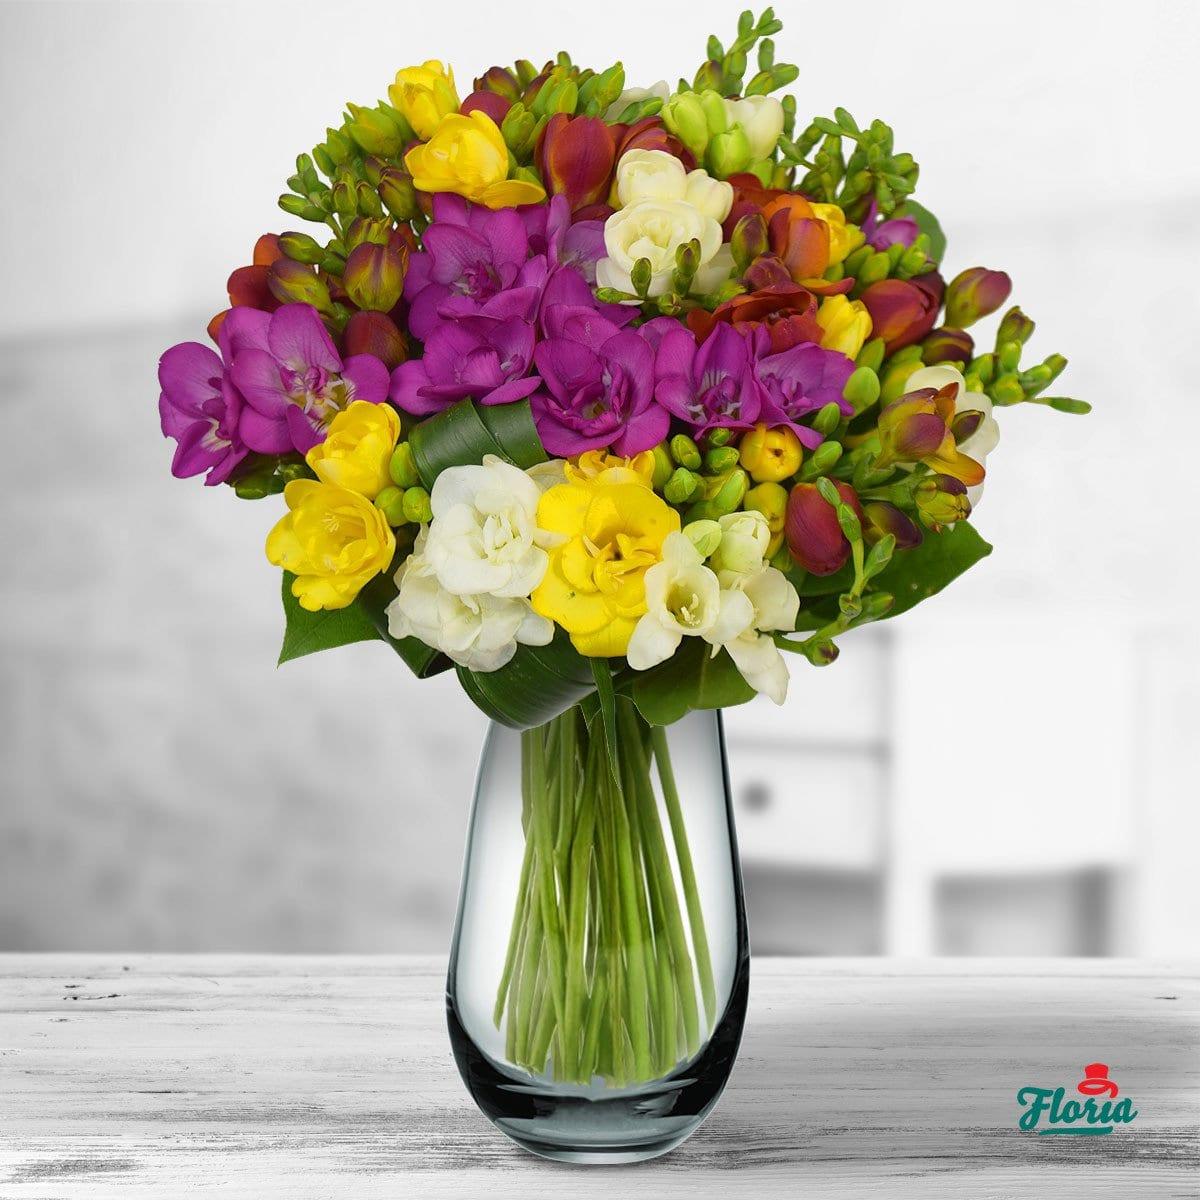 Misterul florilor de primavara – freziile